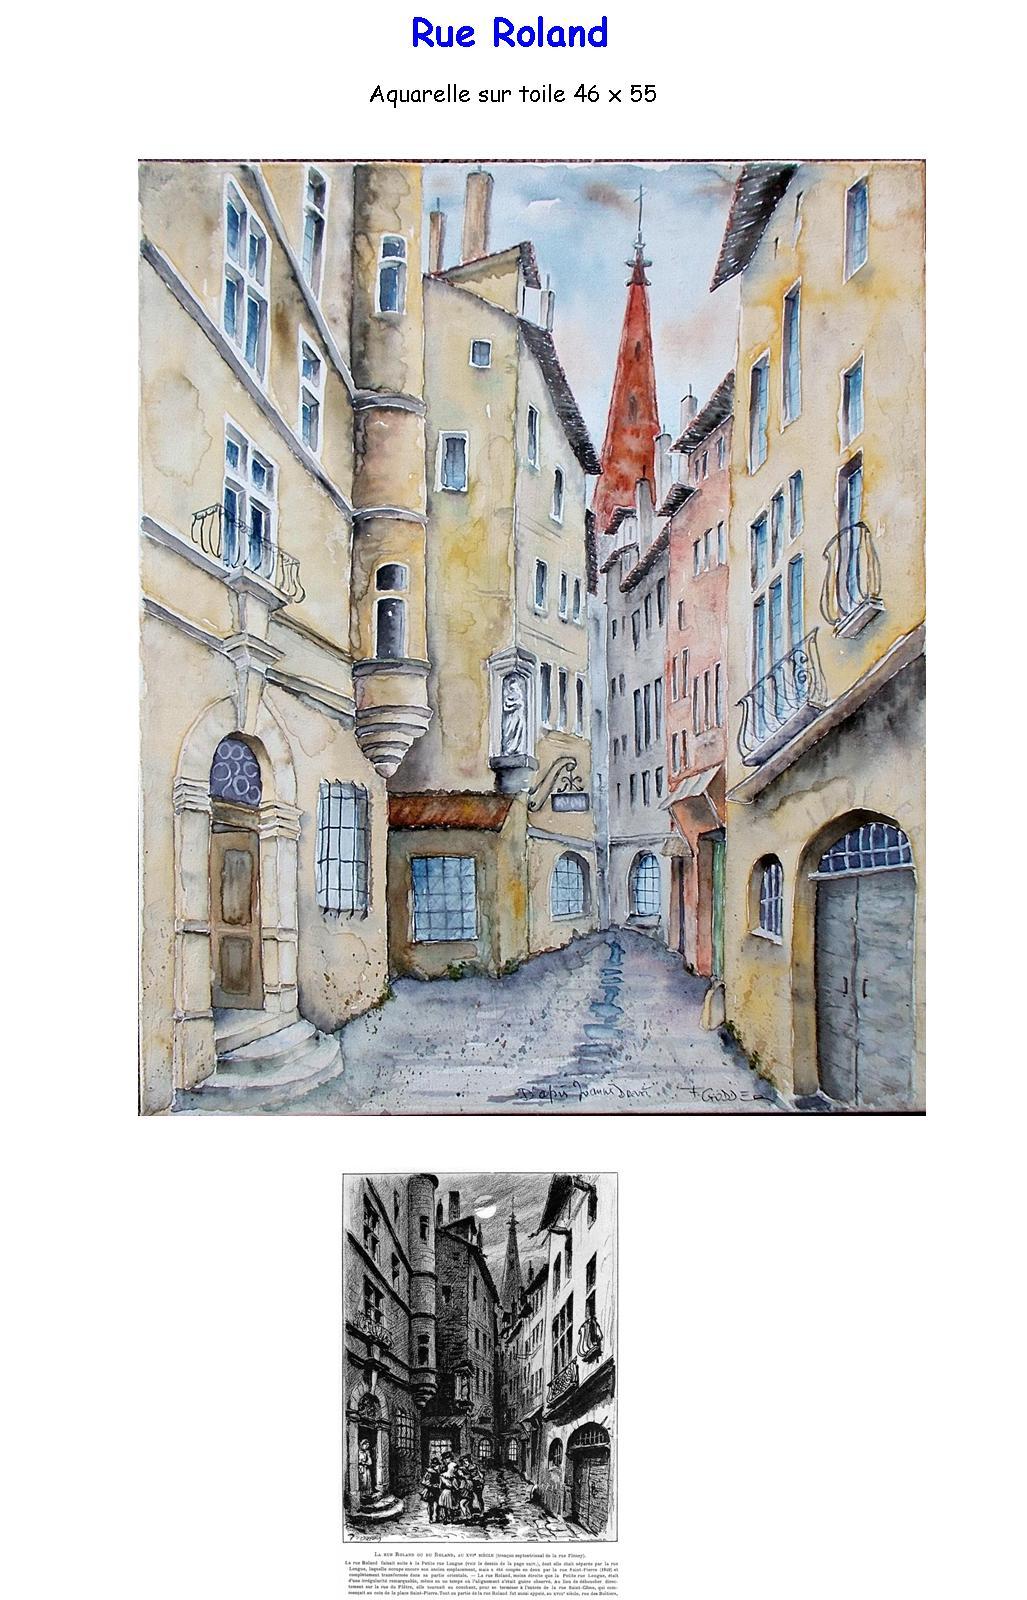 Rue Roland